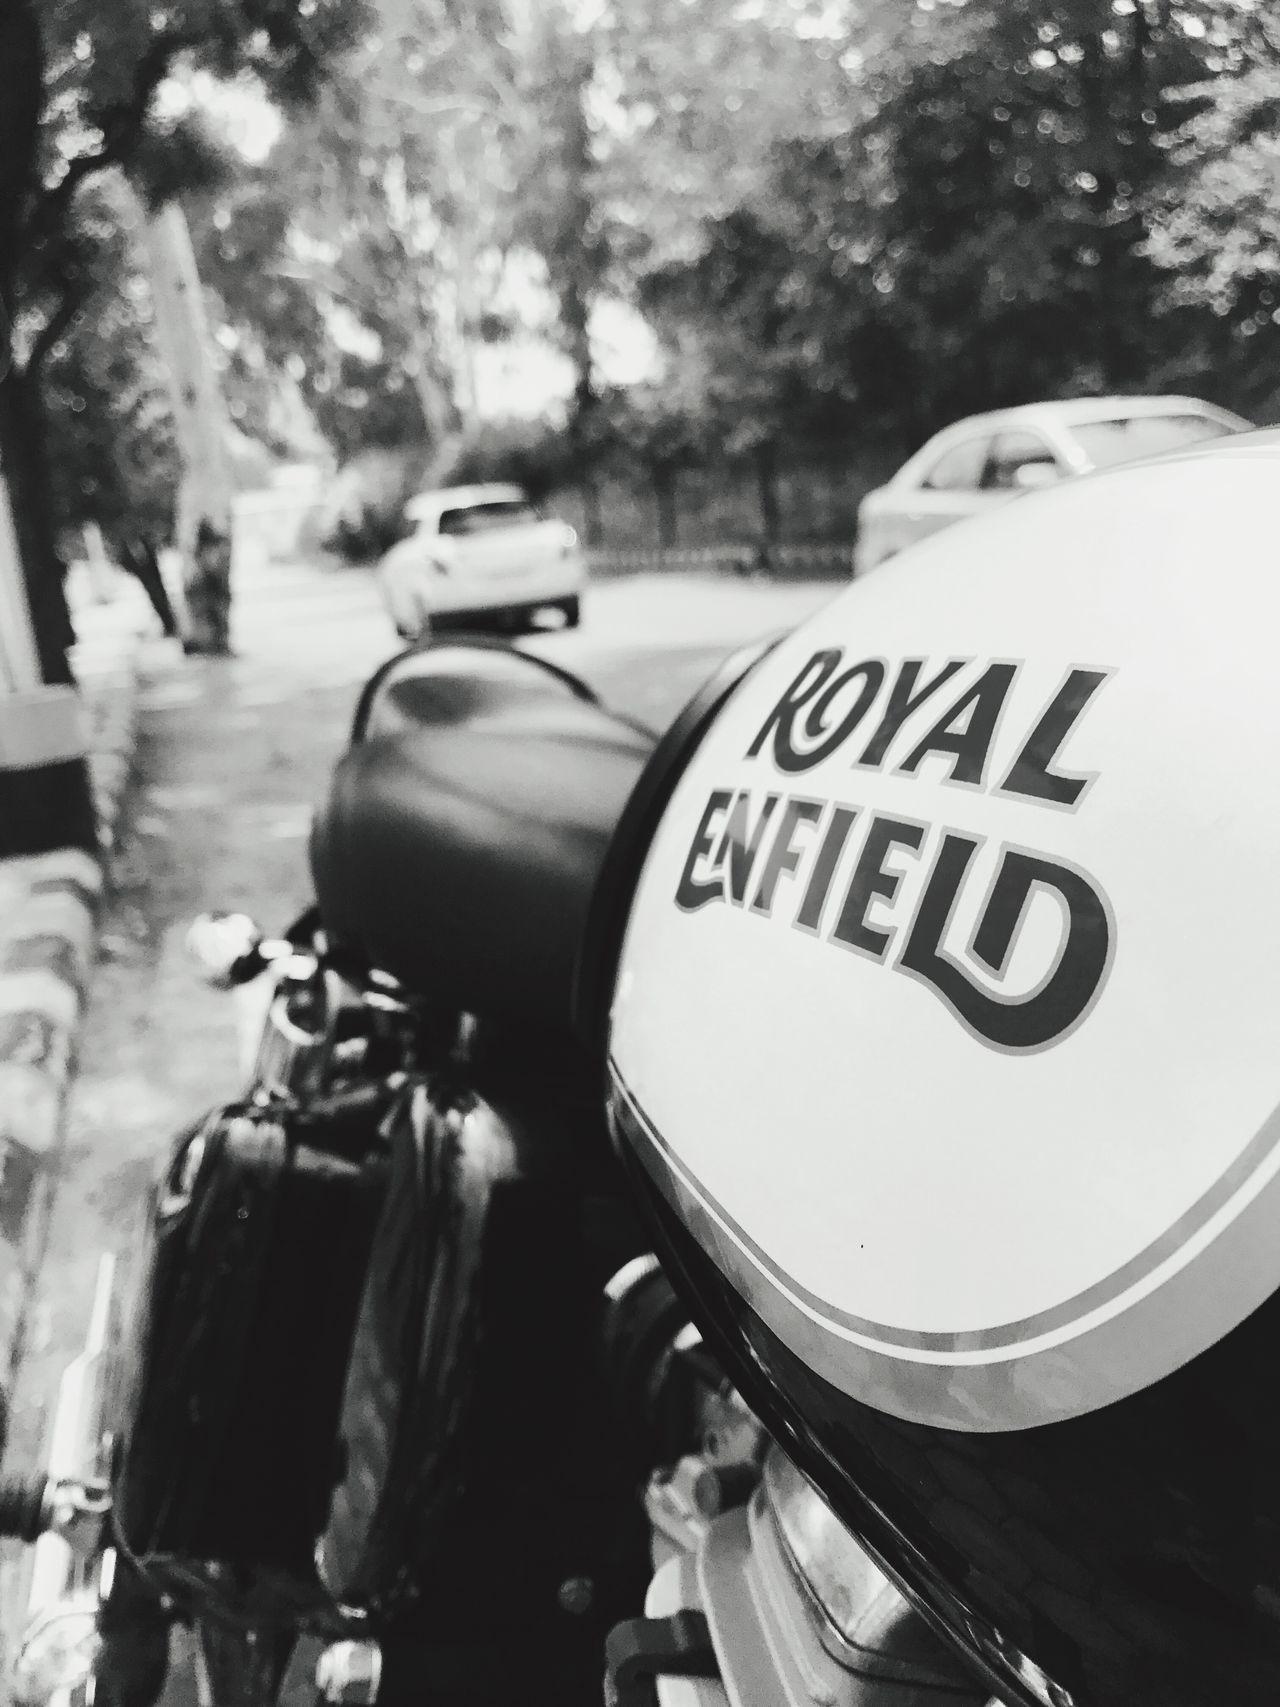 Royalenfieldbeasts EyeEm Selects